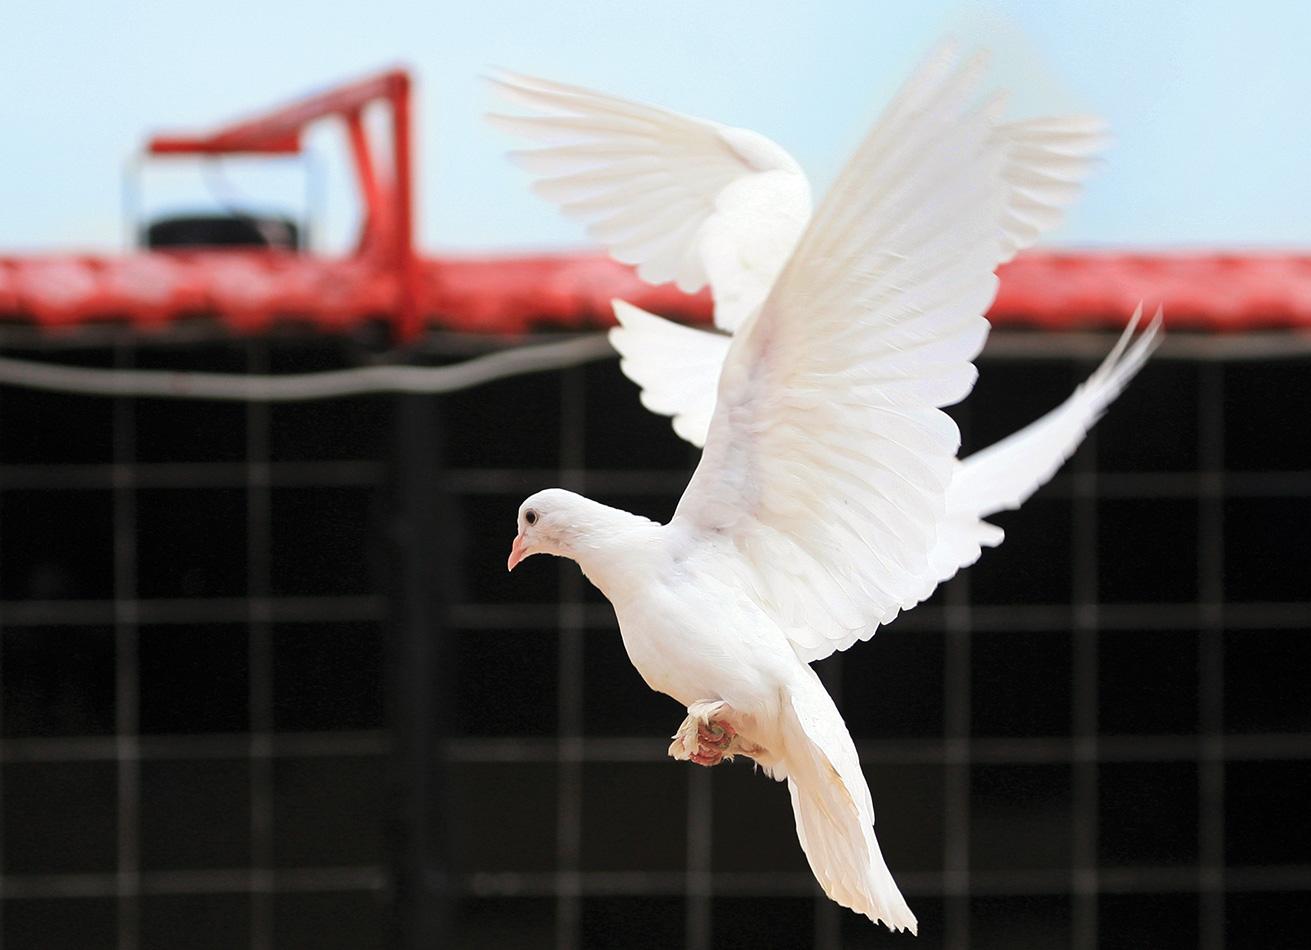 Bursa Posta Güvercinleri Derneği, Yeni Karaman Mahallesi Bursa - Haziran 2010 - Demet Argun